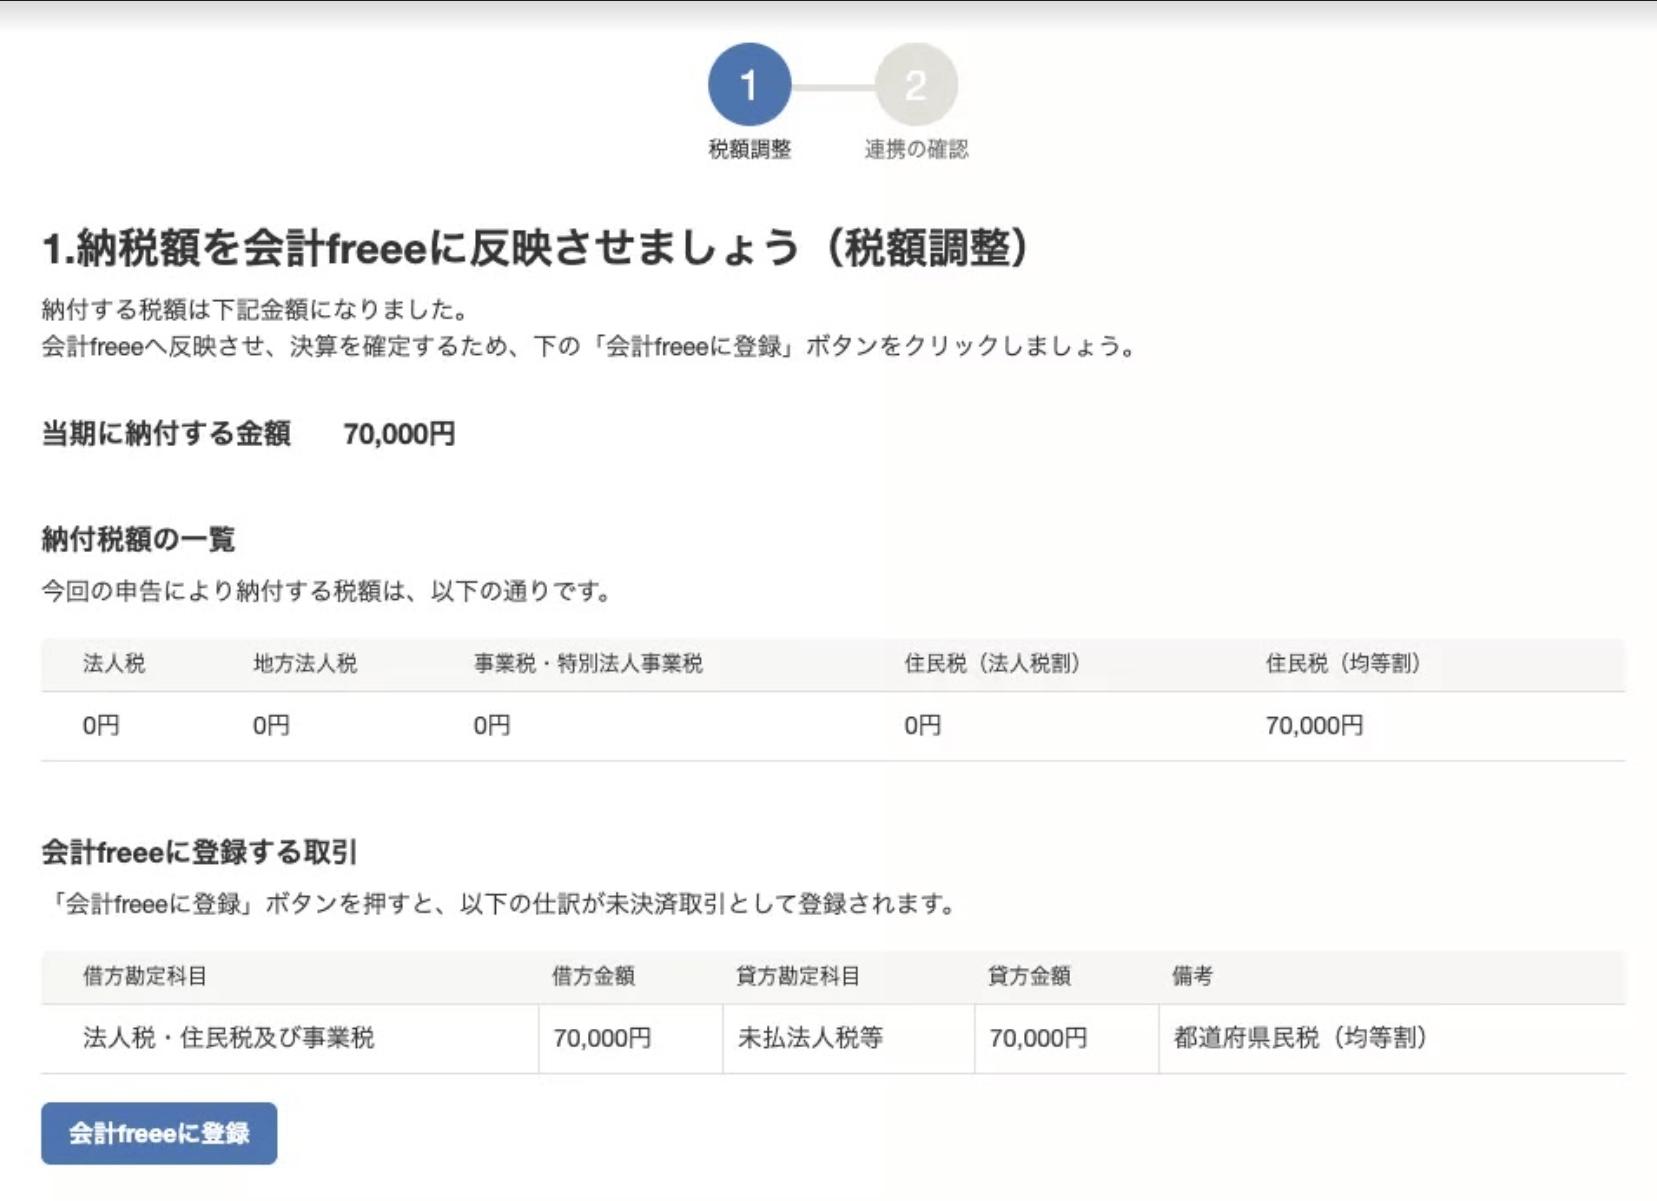 スモール法人向けセルフ申告ソフト『申告freee』イベントレポート_